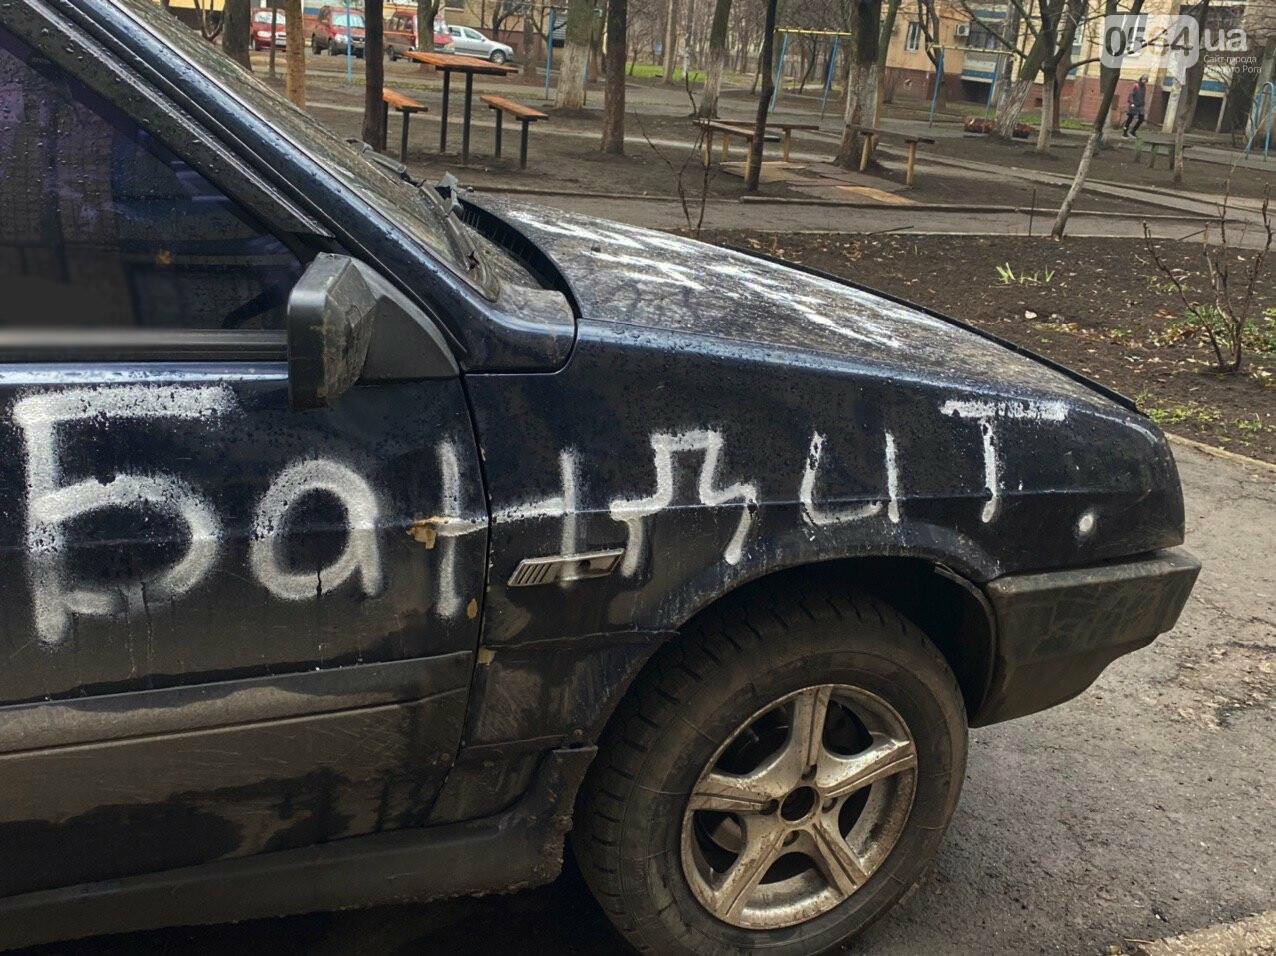 """""""За рулем бандит"""": в Кривом Роге ночью обрисовали припаркованный во дворе автомобиль, - ФОТО , фото-2"""